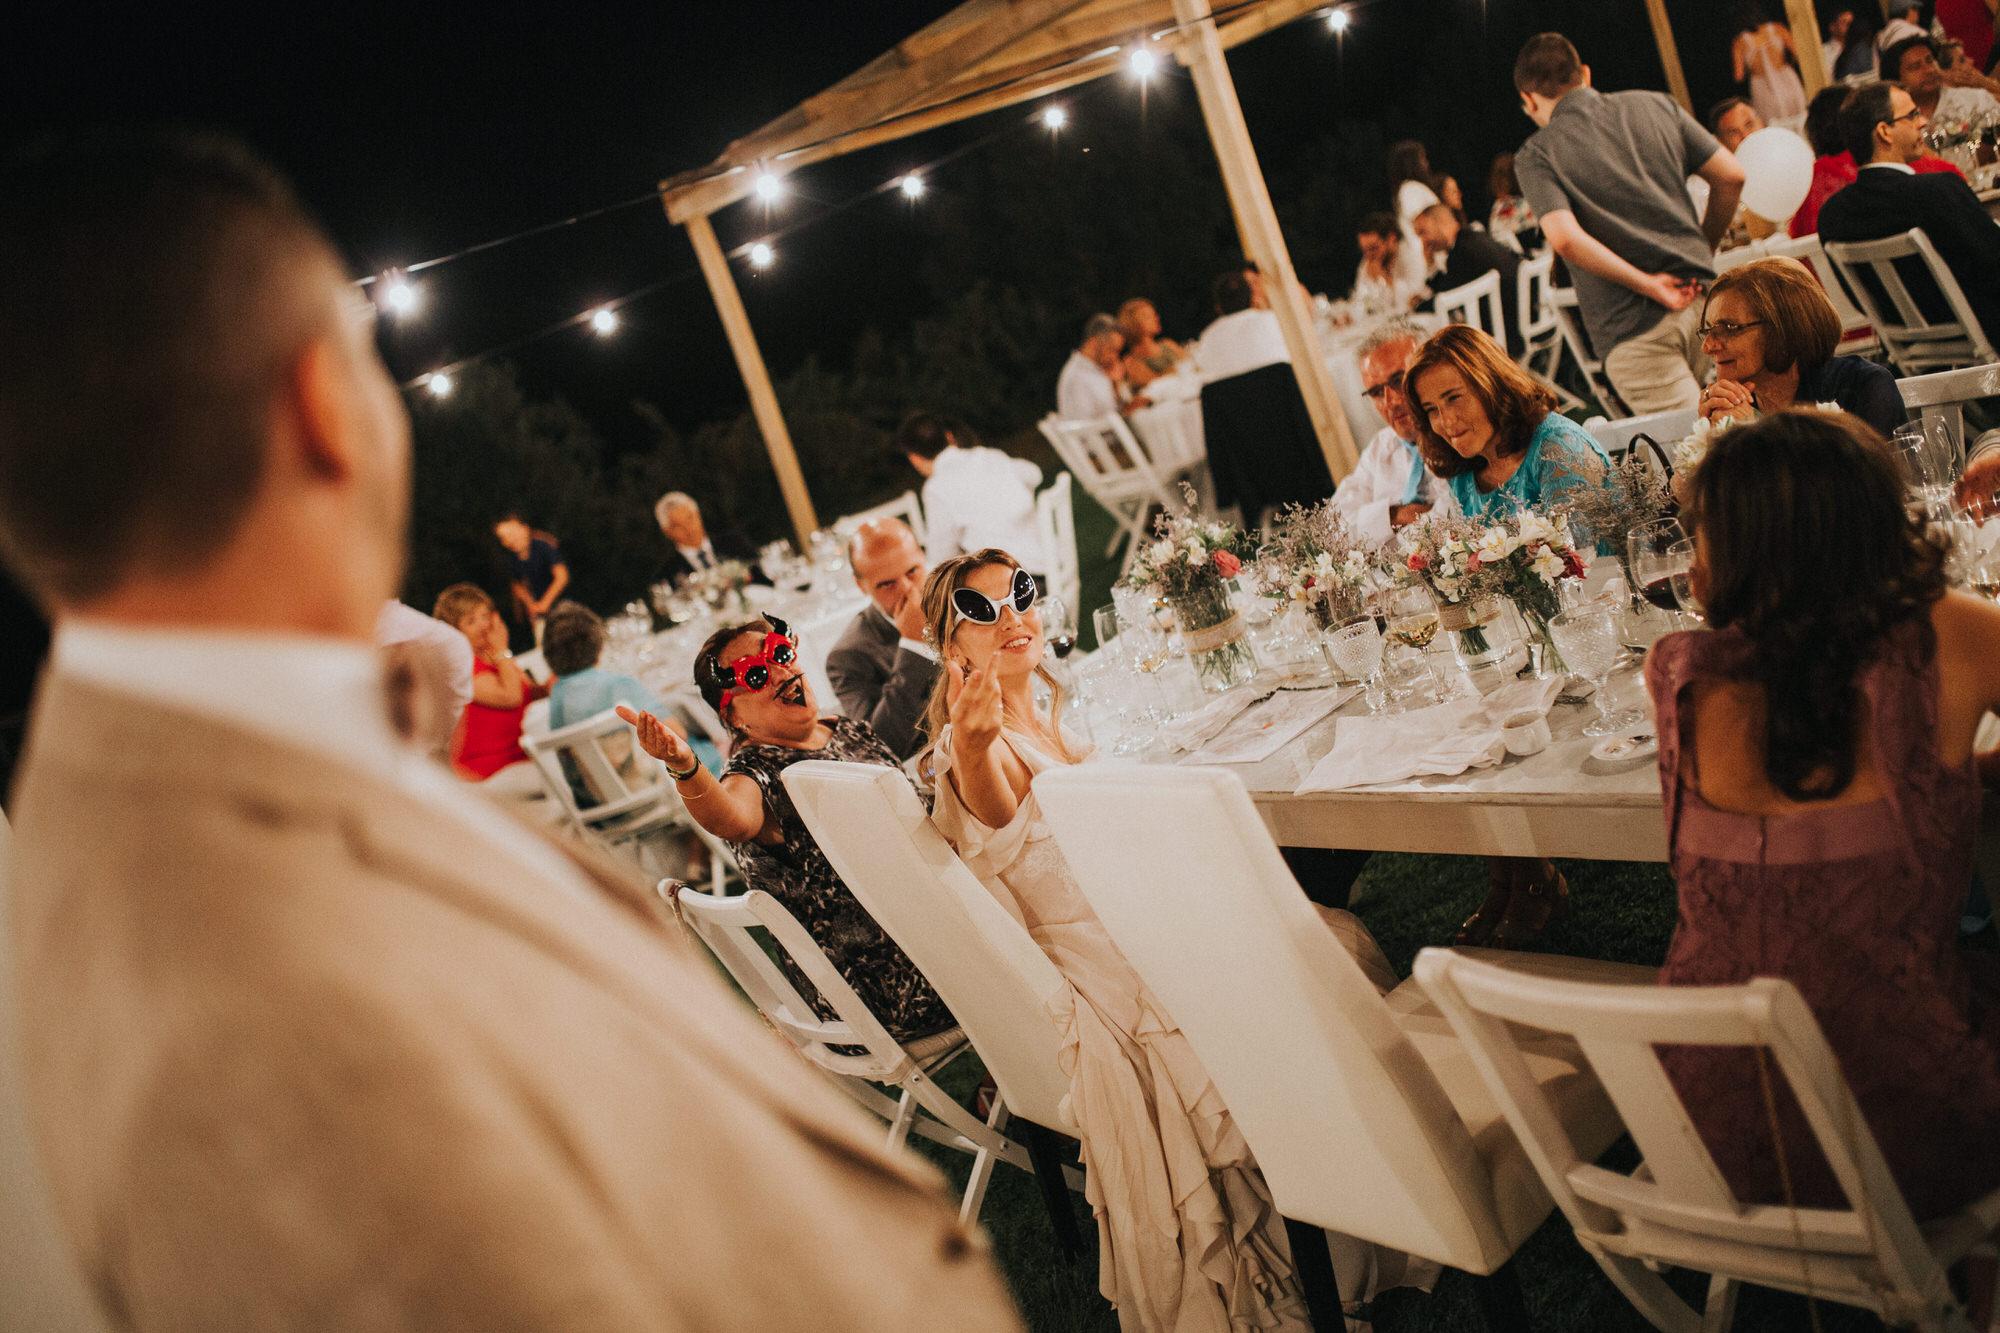 Filipe Santiago Fotografia-fotografo-malveira-lisboa-cascais-mafra-melhores-reportagem-wedding-photography-portugal-lisbon-best-natural-casamentos-lifestyle-bride-ideias-rustic-boho-hair-mackup-damas-preparativos-preparations-bridemaids-dress-shoes-bouquet-trends-church-cerimony-saida-igreja-dicas-session-welcome-best-venue-quinta-monte-redondo-melhores quintas-decor-decoração-night-lights